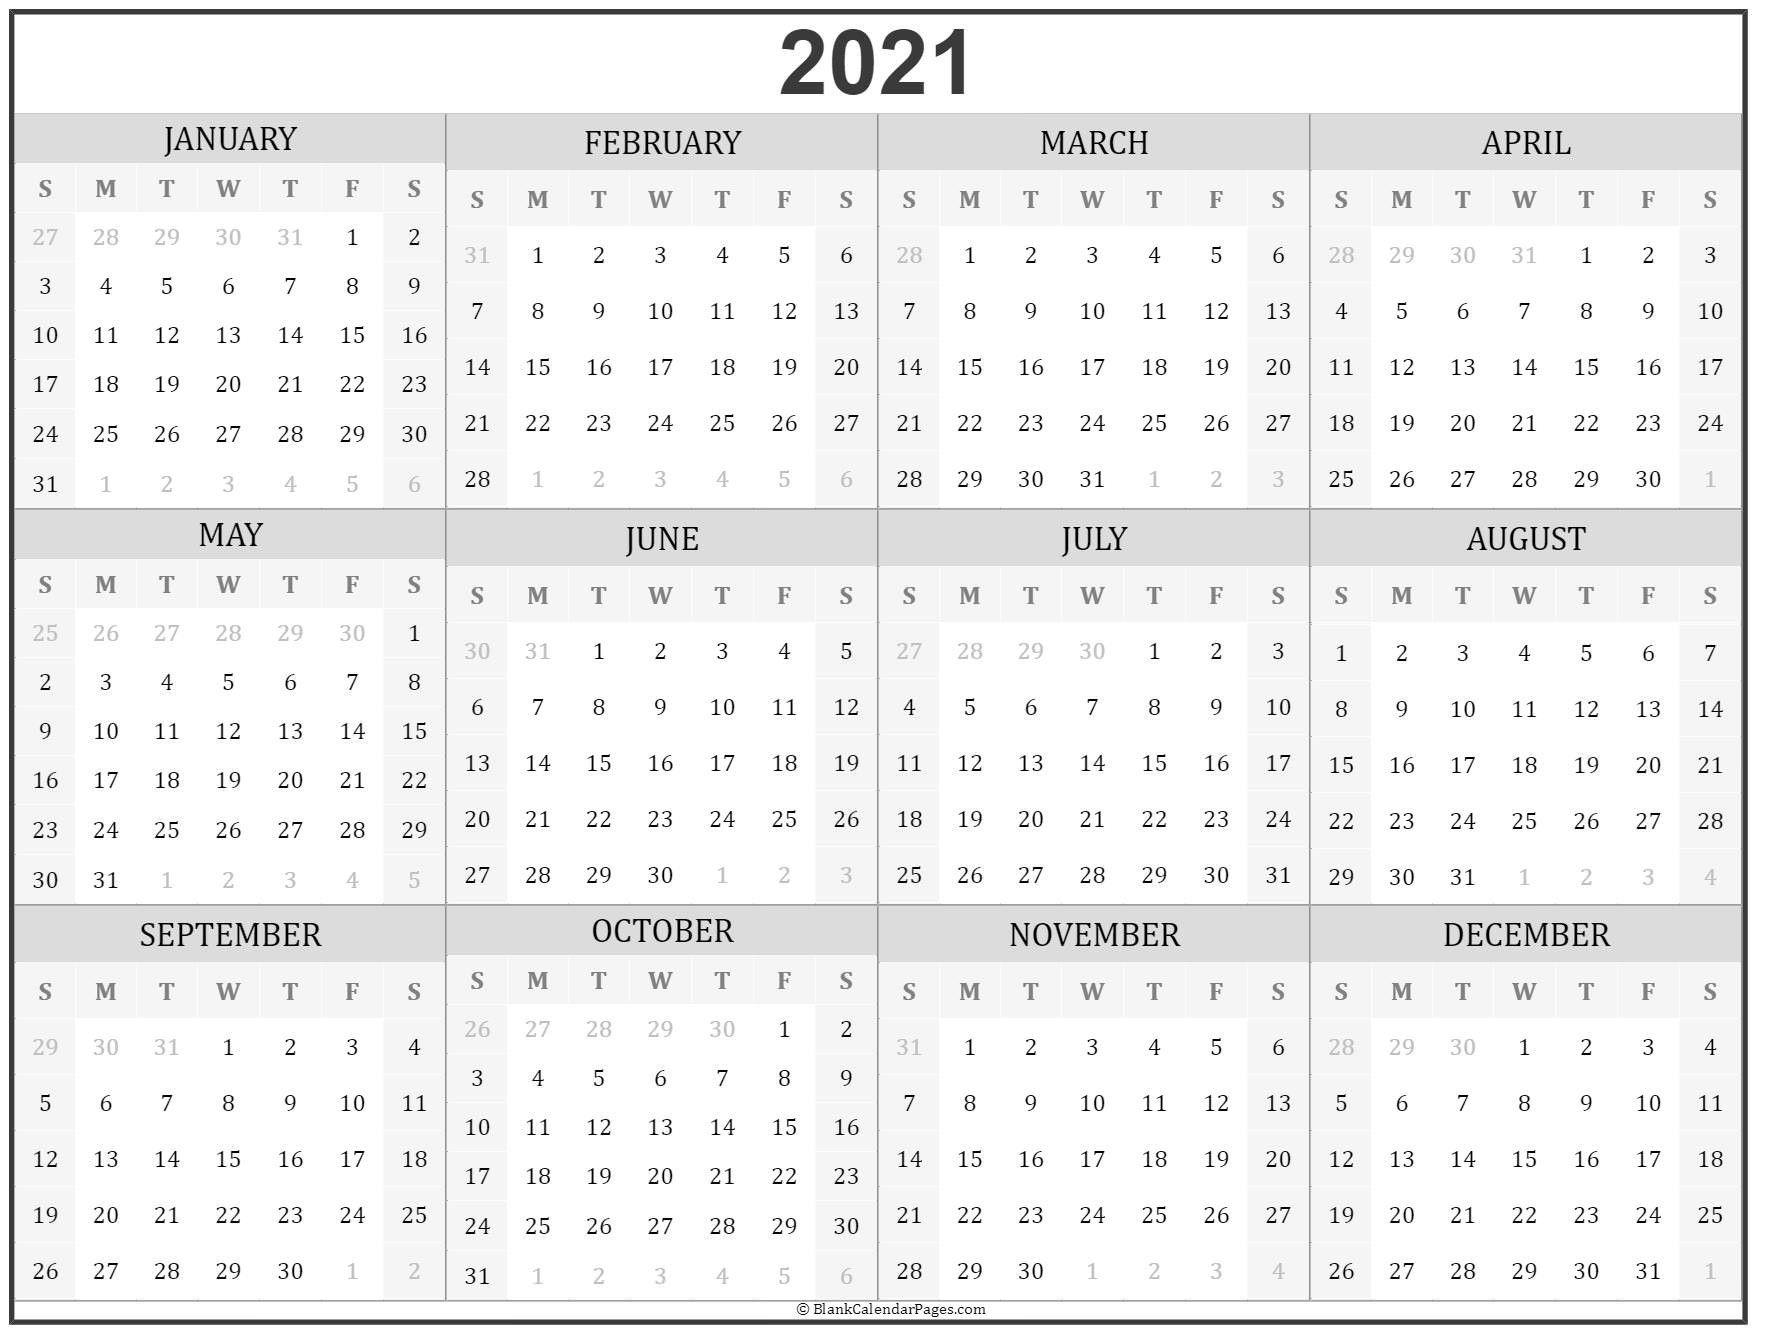 2021 Year Calendar 2021 Year Calendar 2021 Year Calendar regarding Calendar 2021 All Months